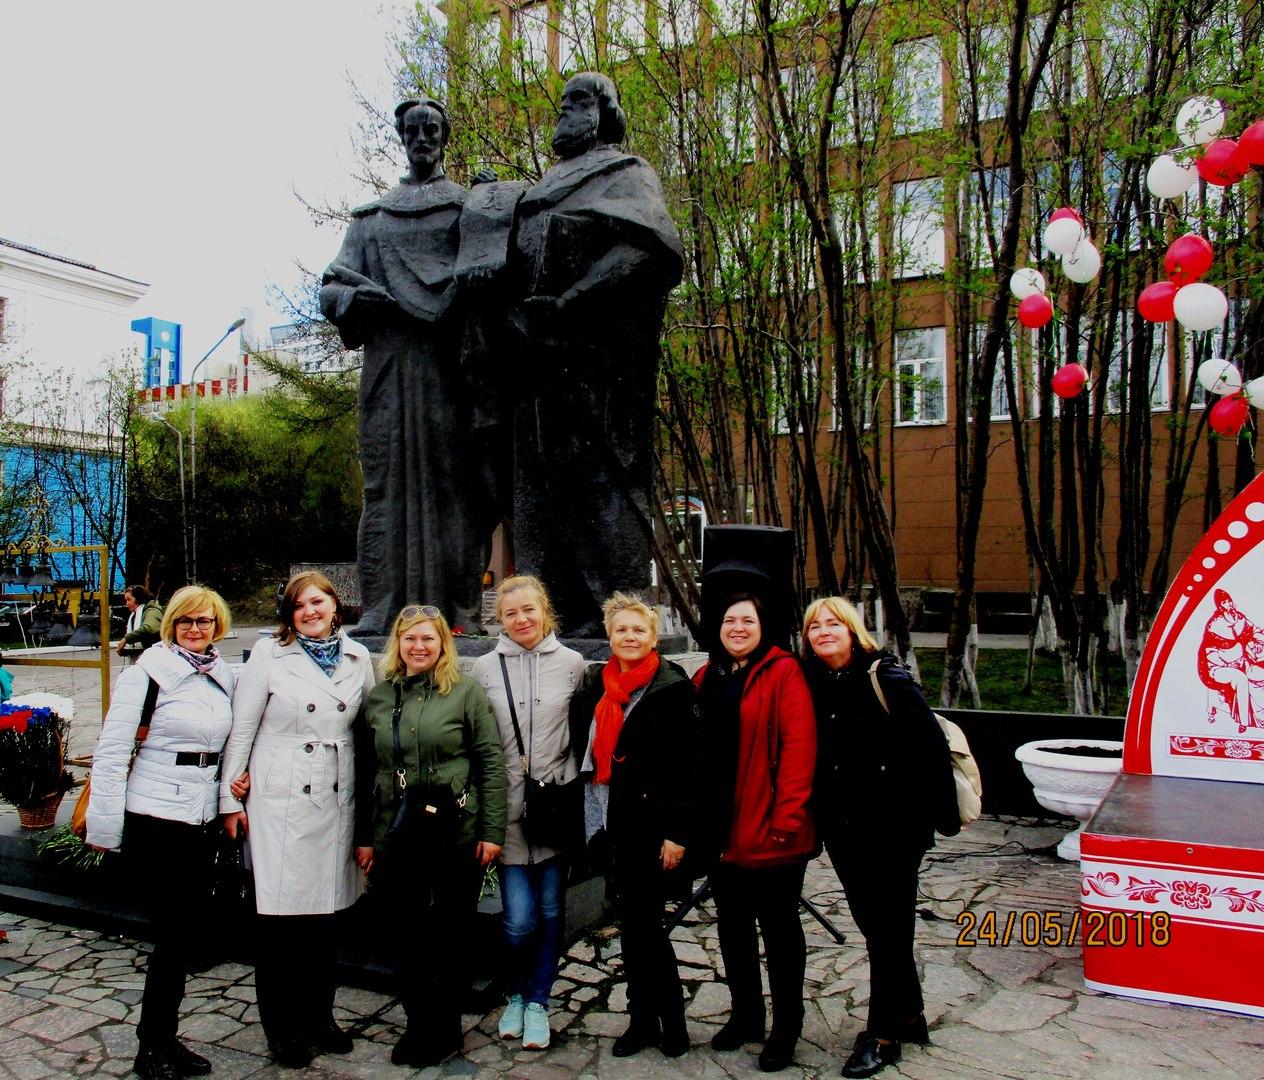 Печенгское МБО День славянской письменности в Мурманске